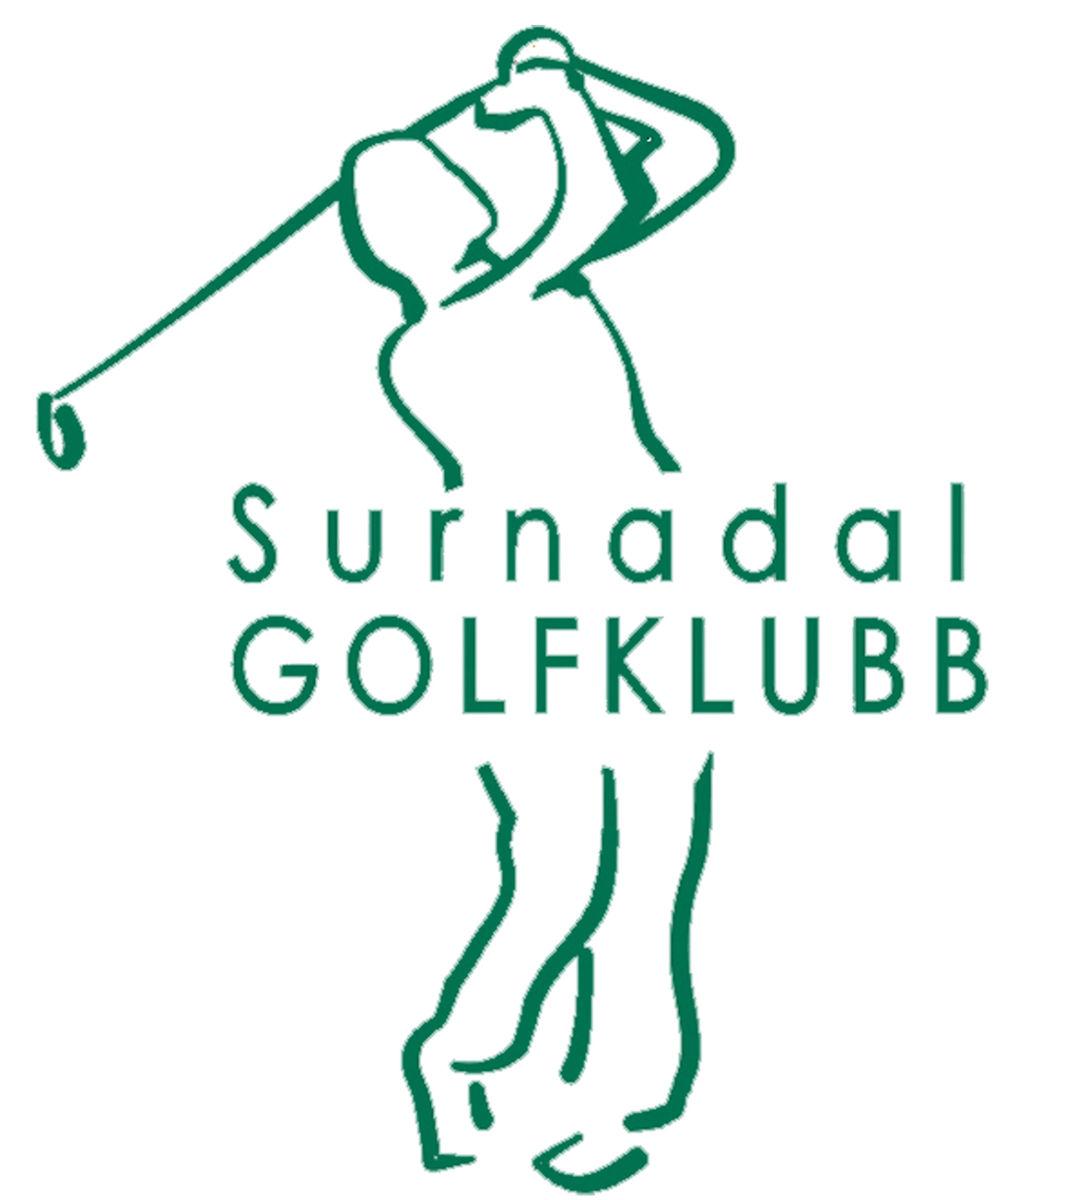 Innkalling  til  årsmøte  i  Surnadal  Golfklubb